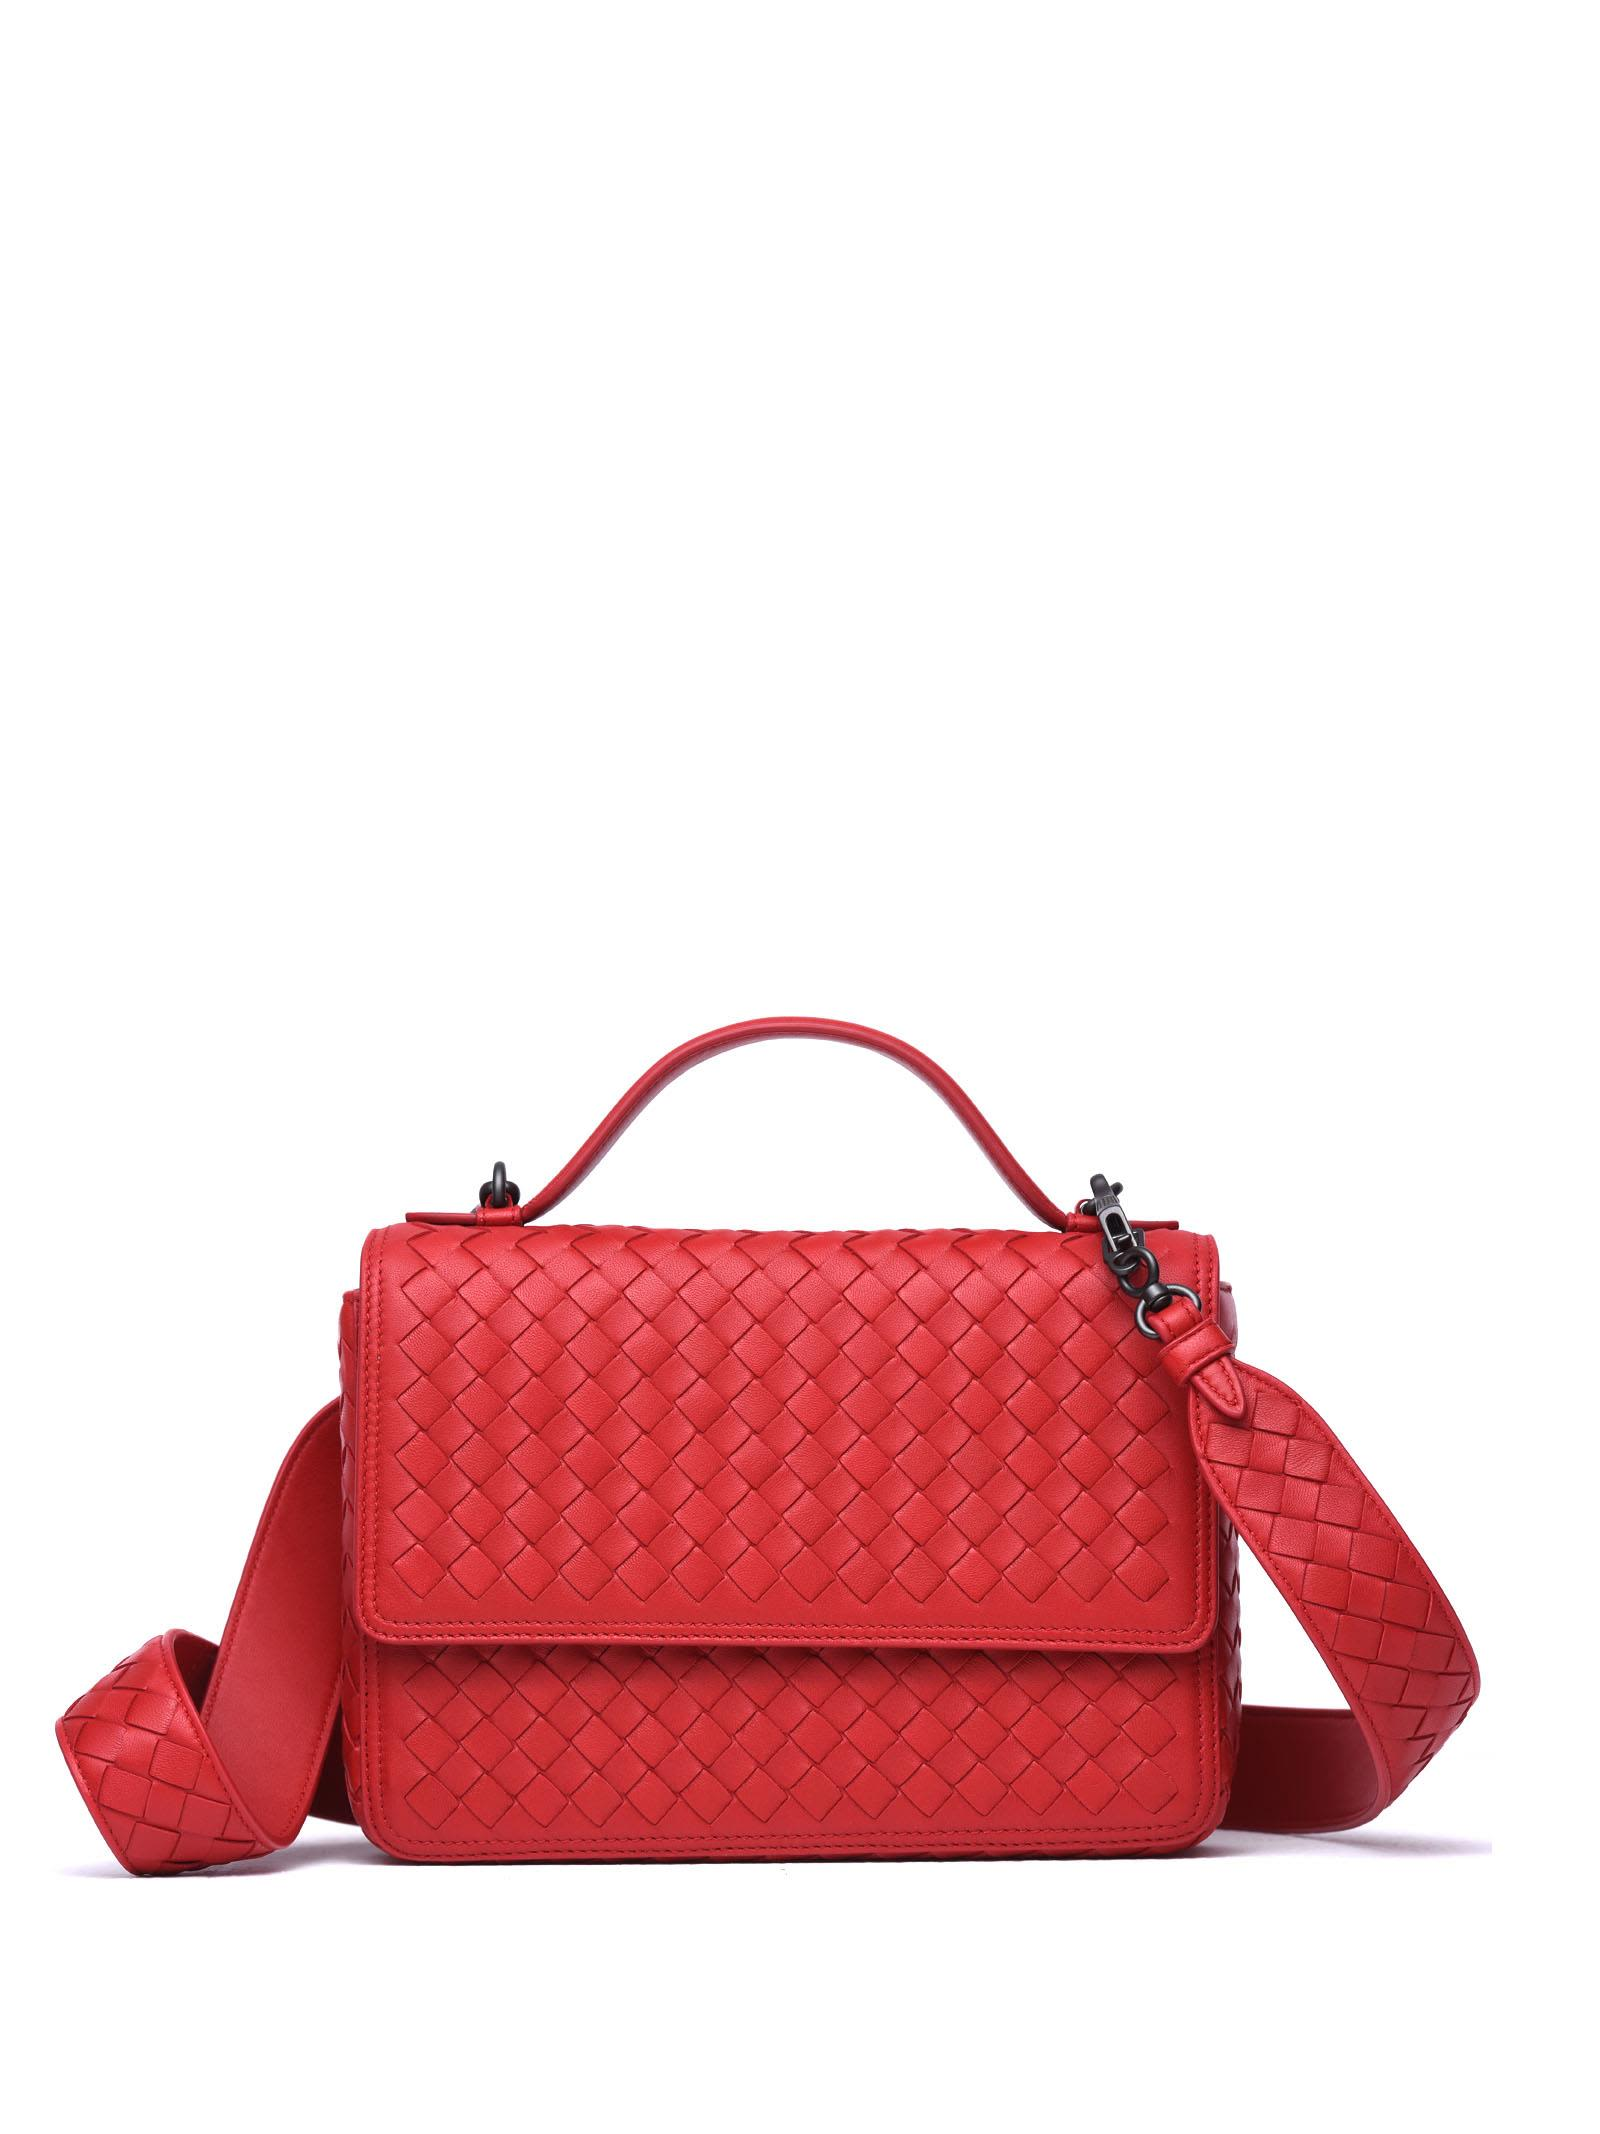 Shoppable Search Tony Perotti Casual Aron Brown 2a77ca7d01c1476820b49944265a3fda